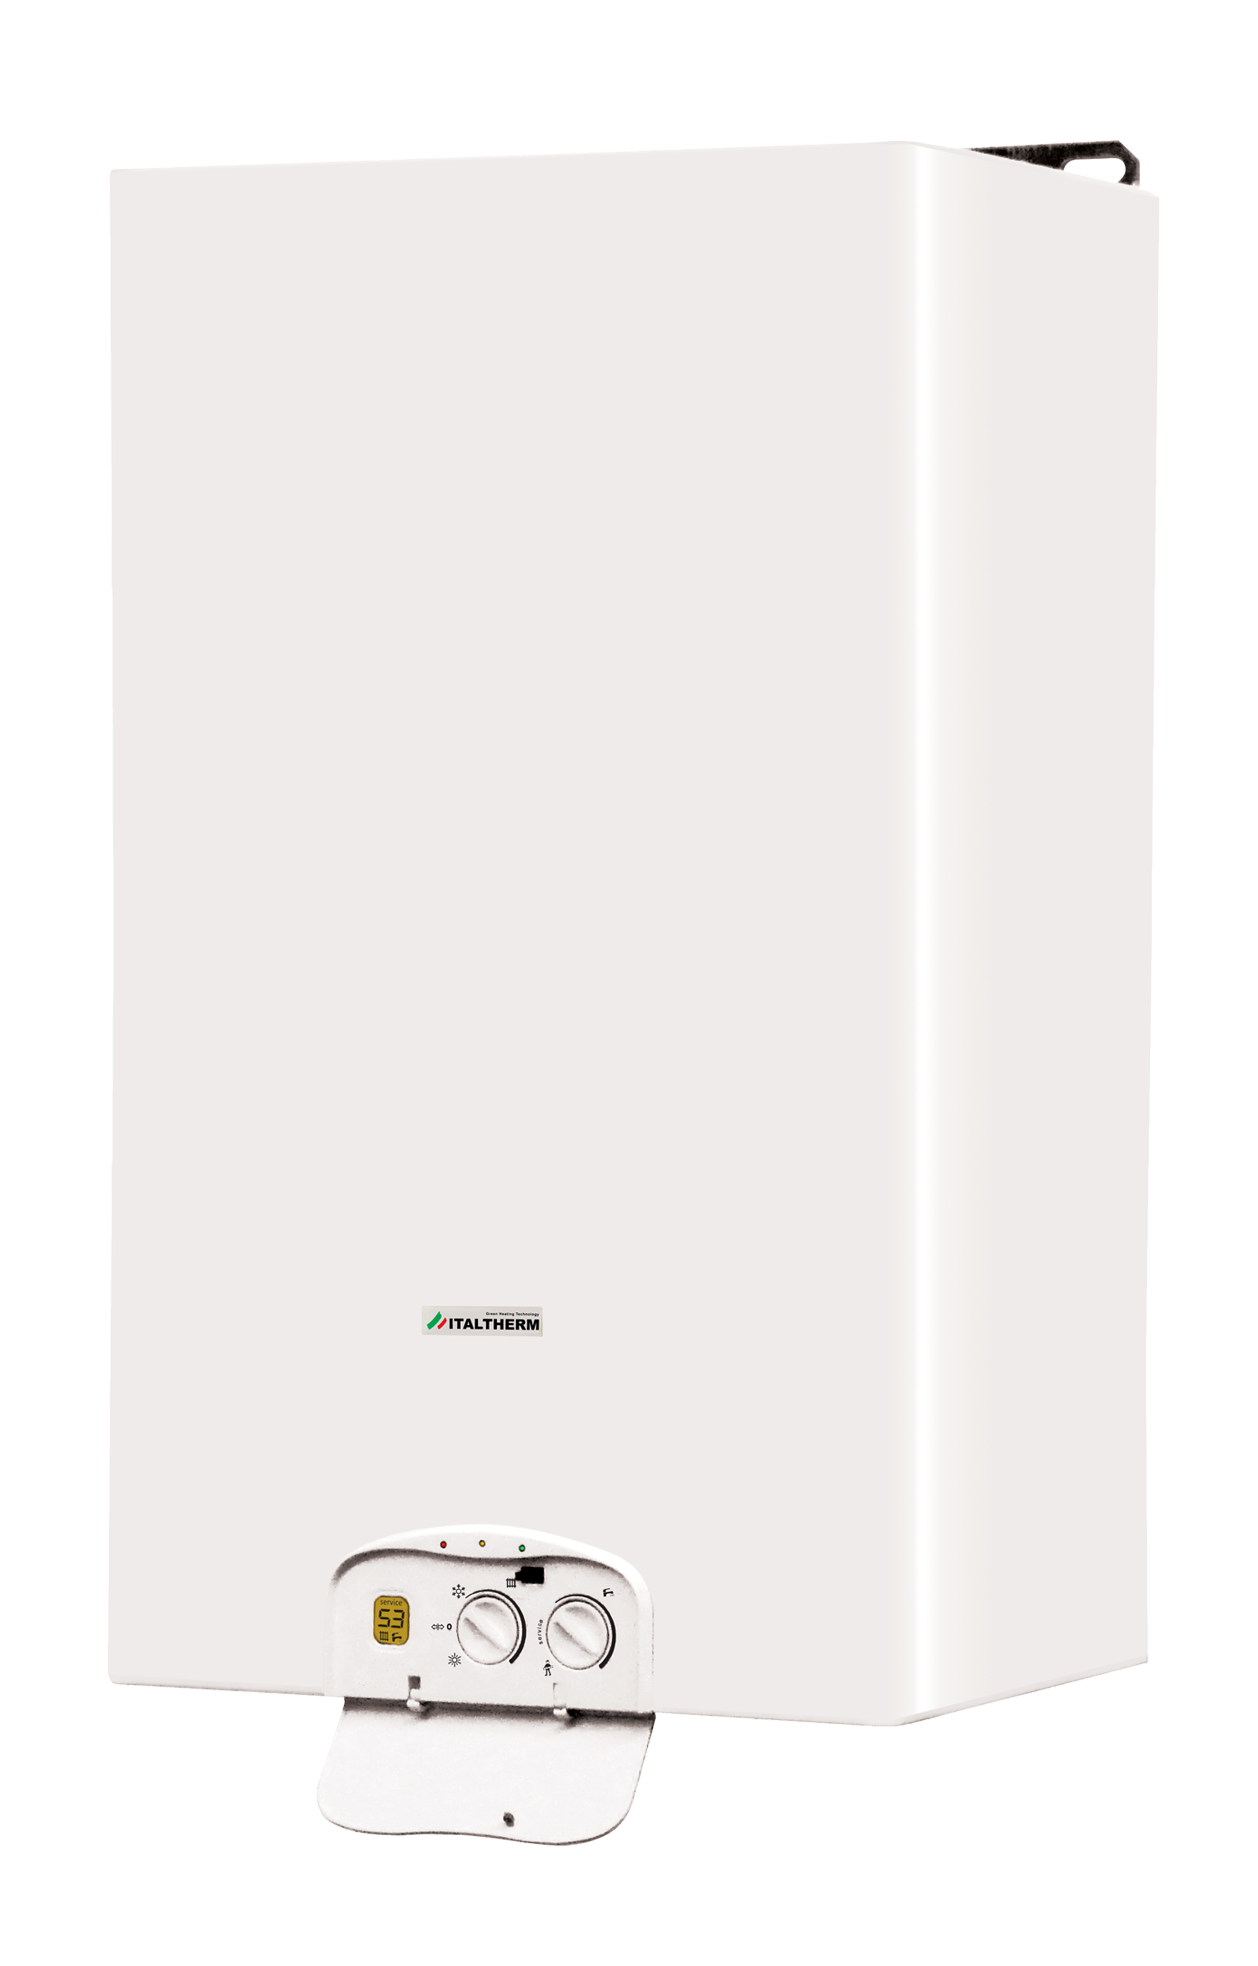 斯博标准系列,意大利意特尔曼,江阴嘉禾冷暖